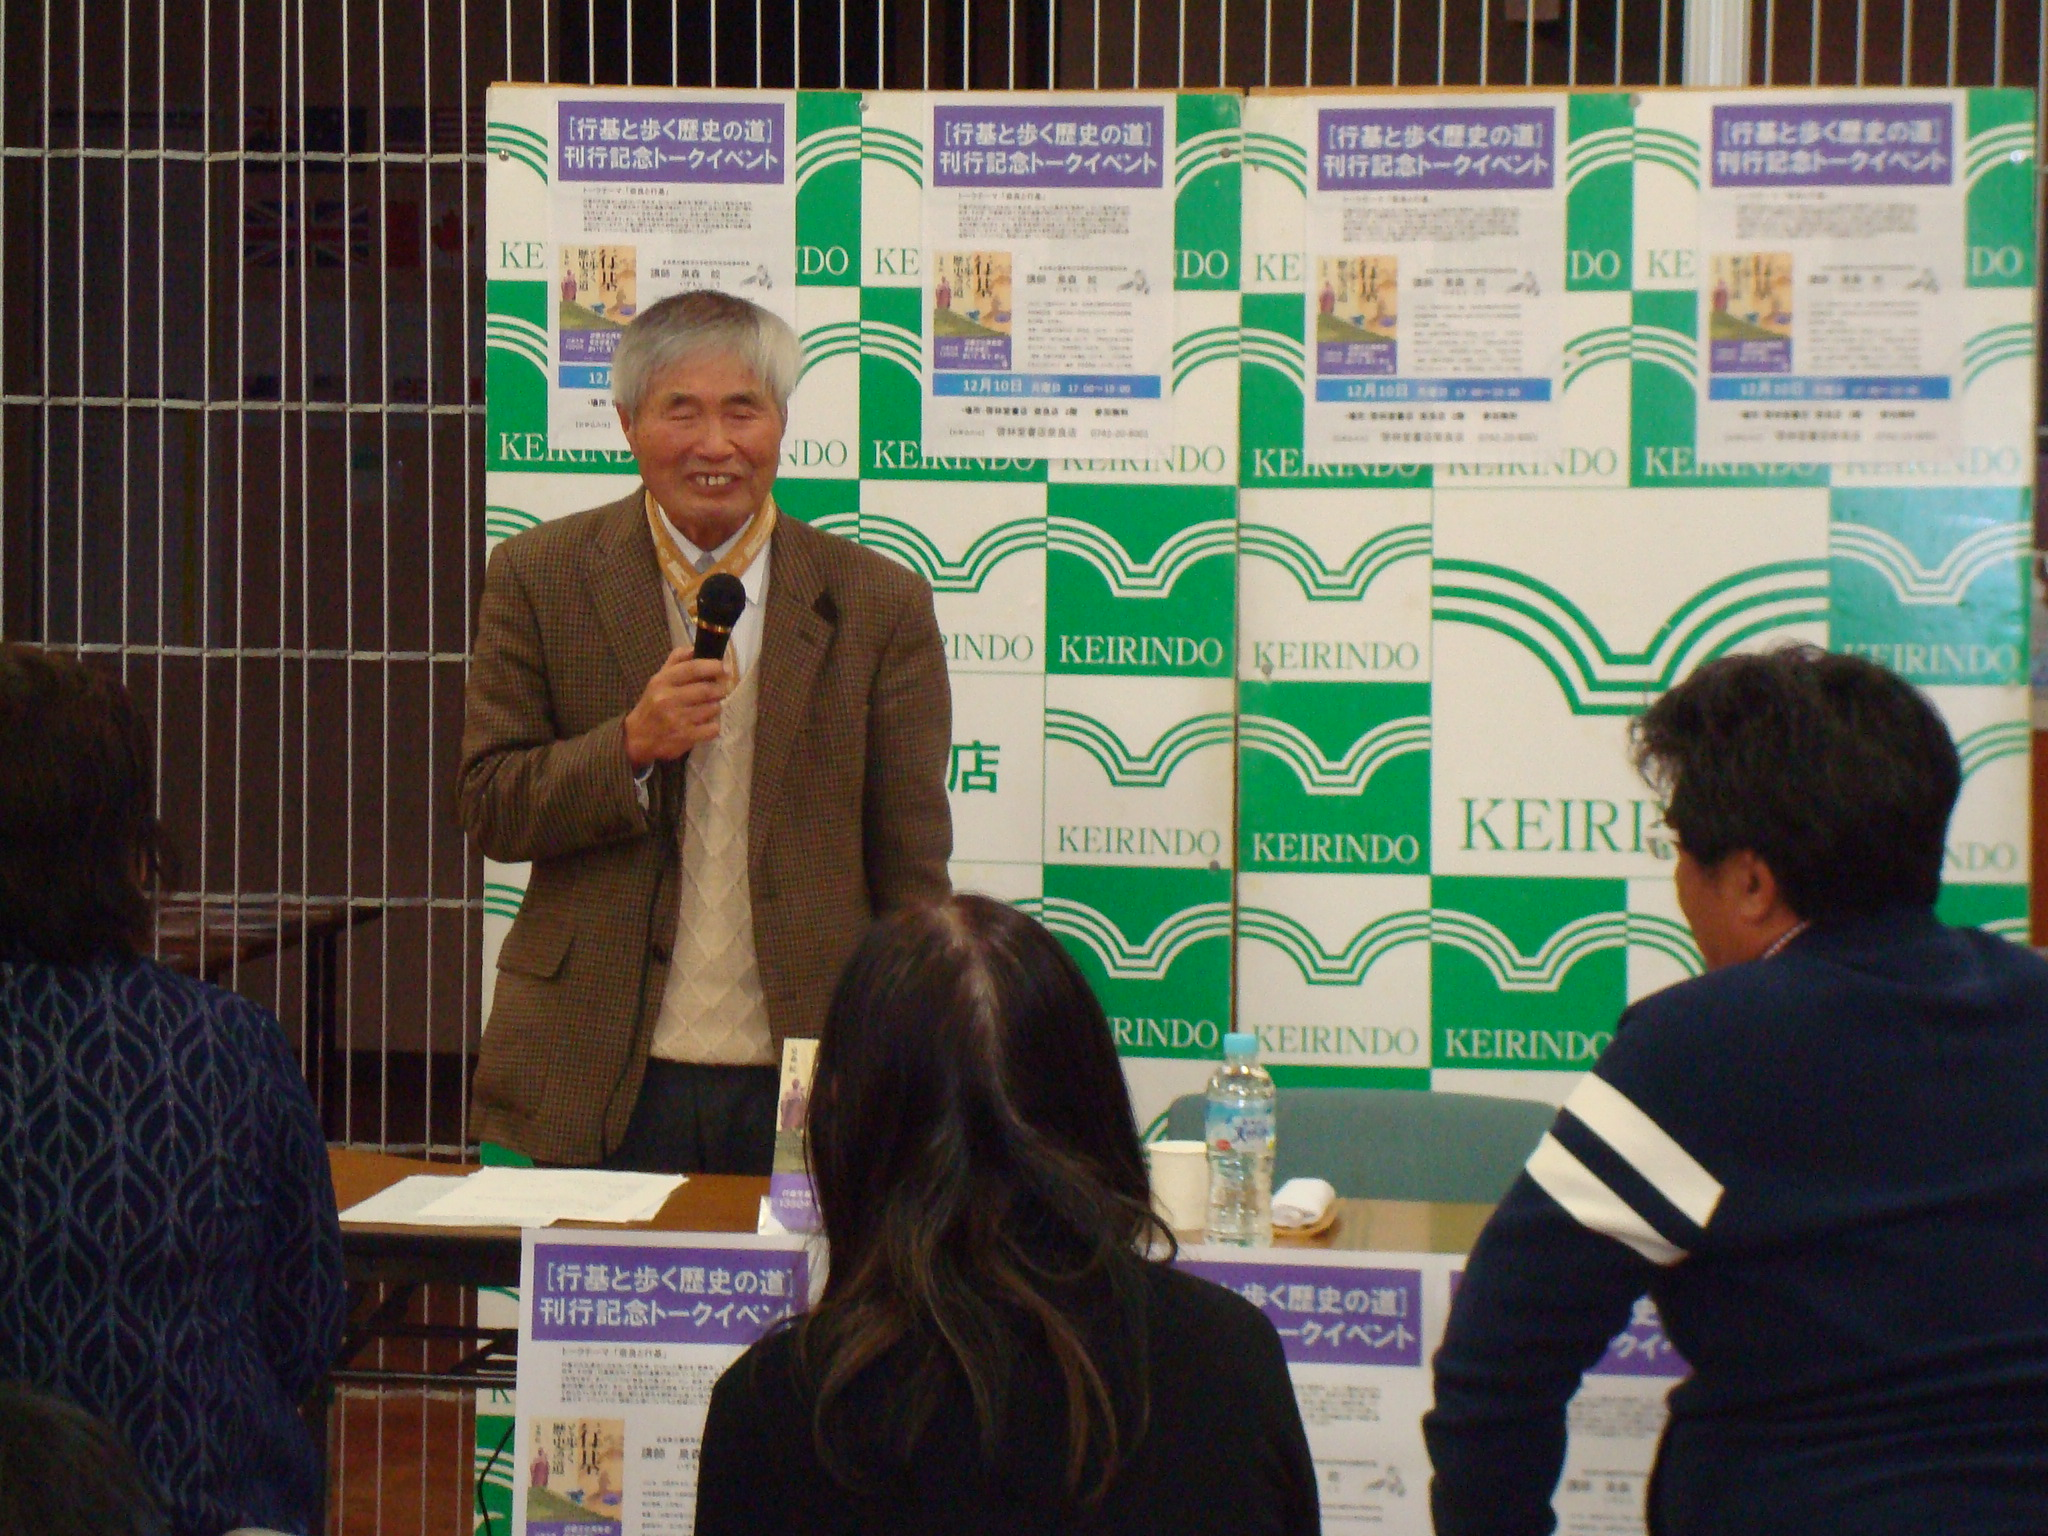 「行基と歩く歴史の道」刊行記念 泉森 皓 先生トークイベント&サイン会 を開催しました!